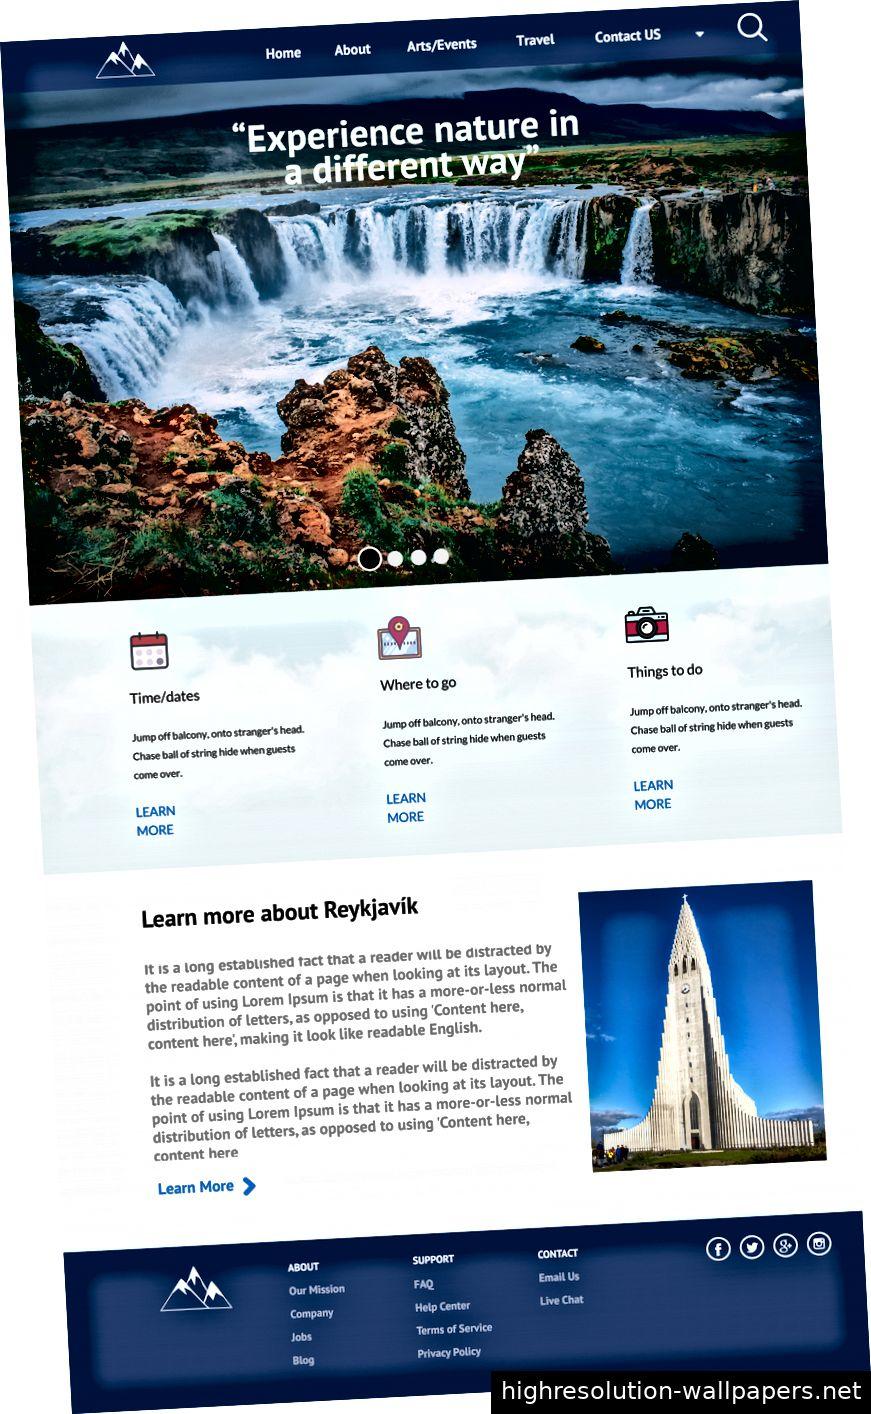 Ursprüngliche Landing Page vor Änderung